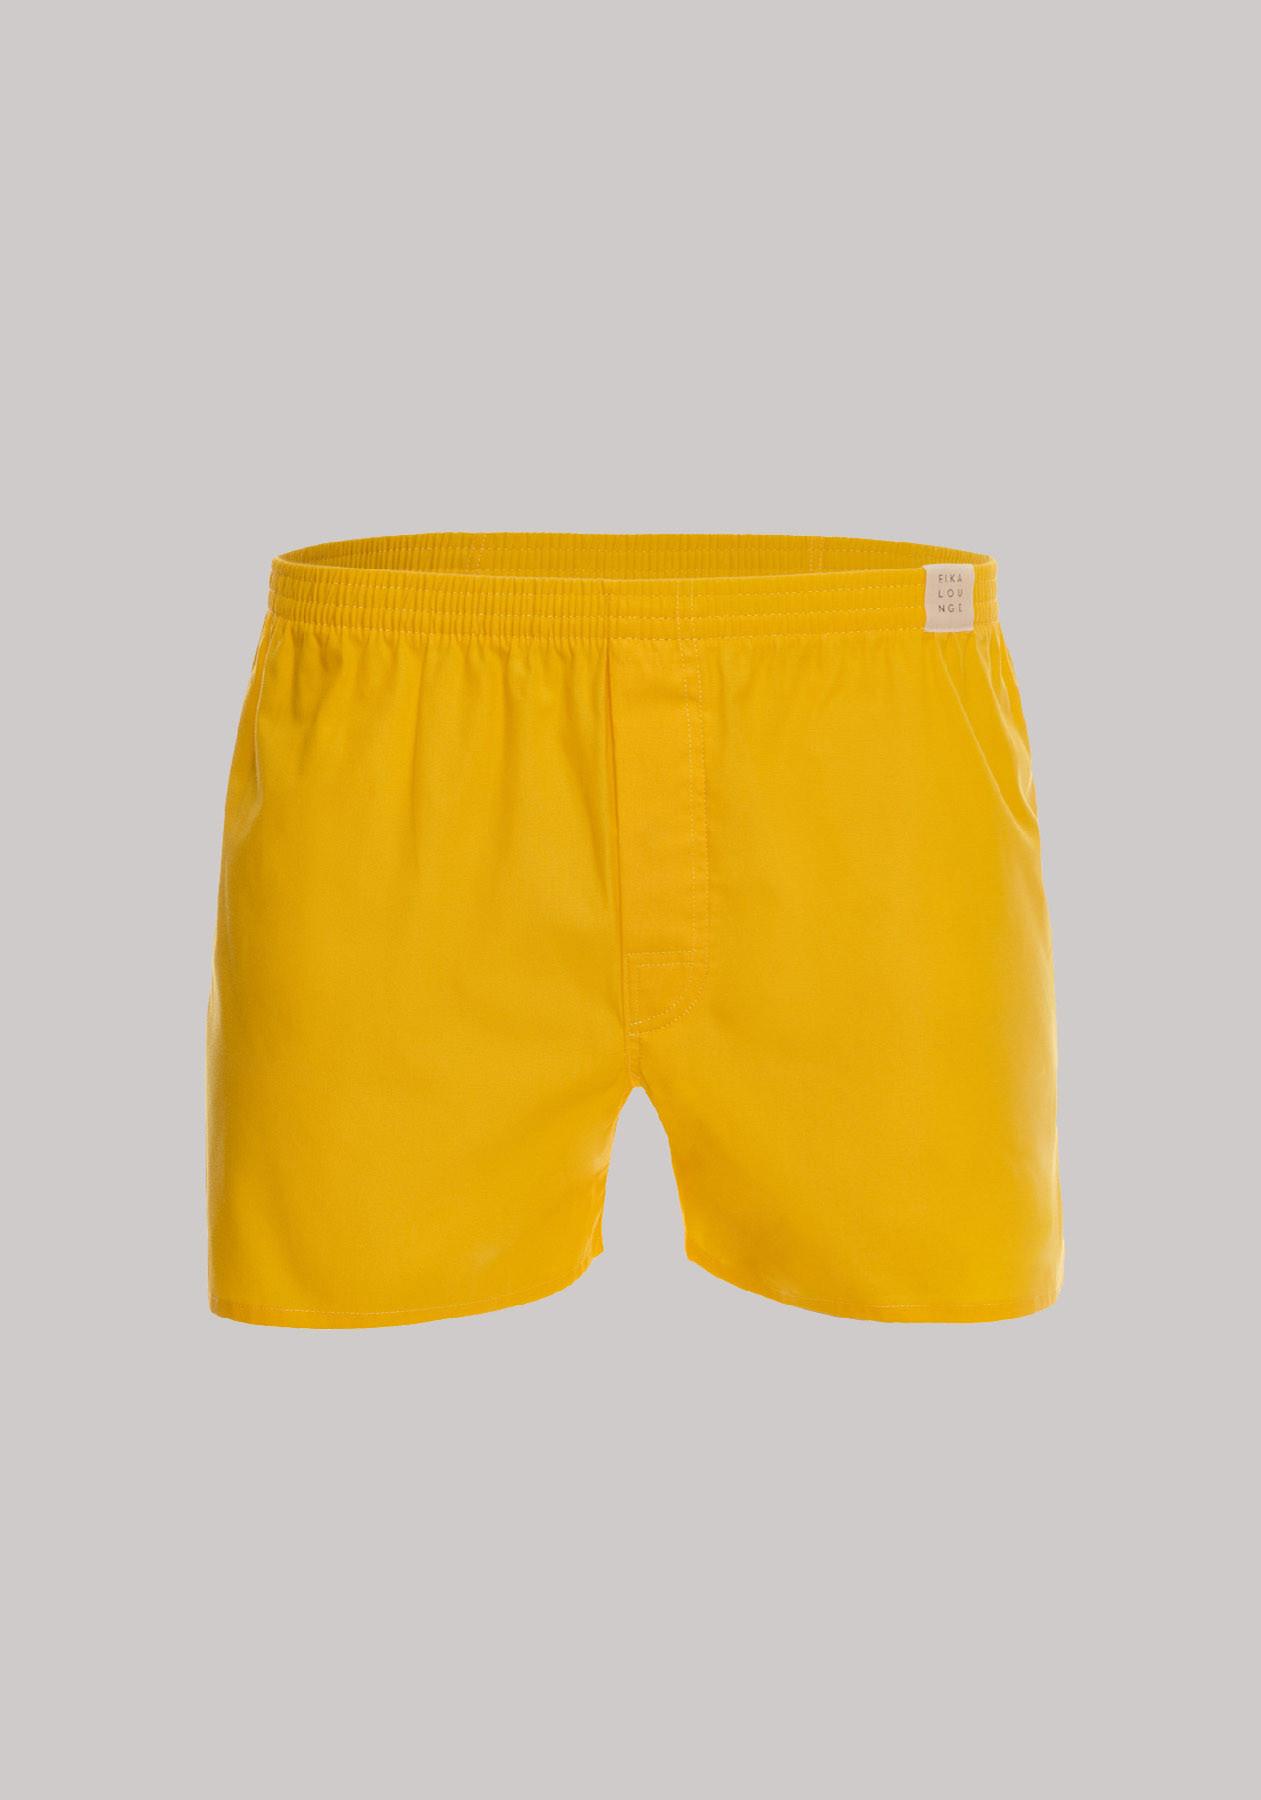 Men-boxershorts-ELKA-Lounge-M00588-02